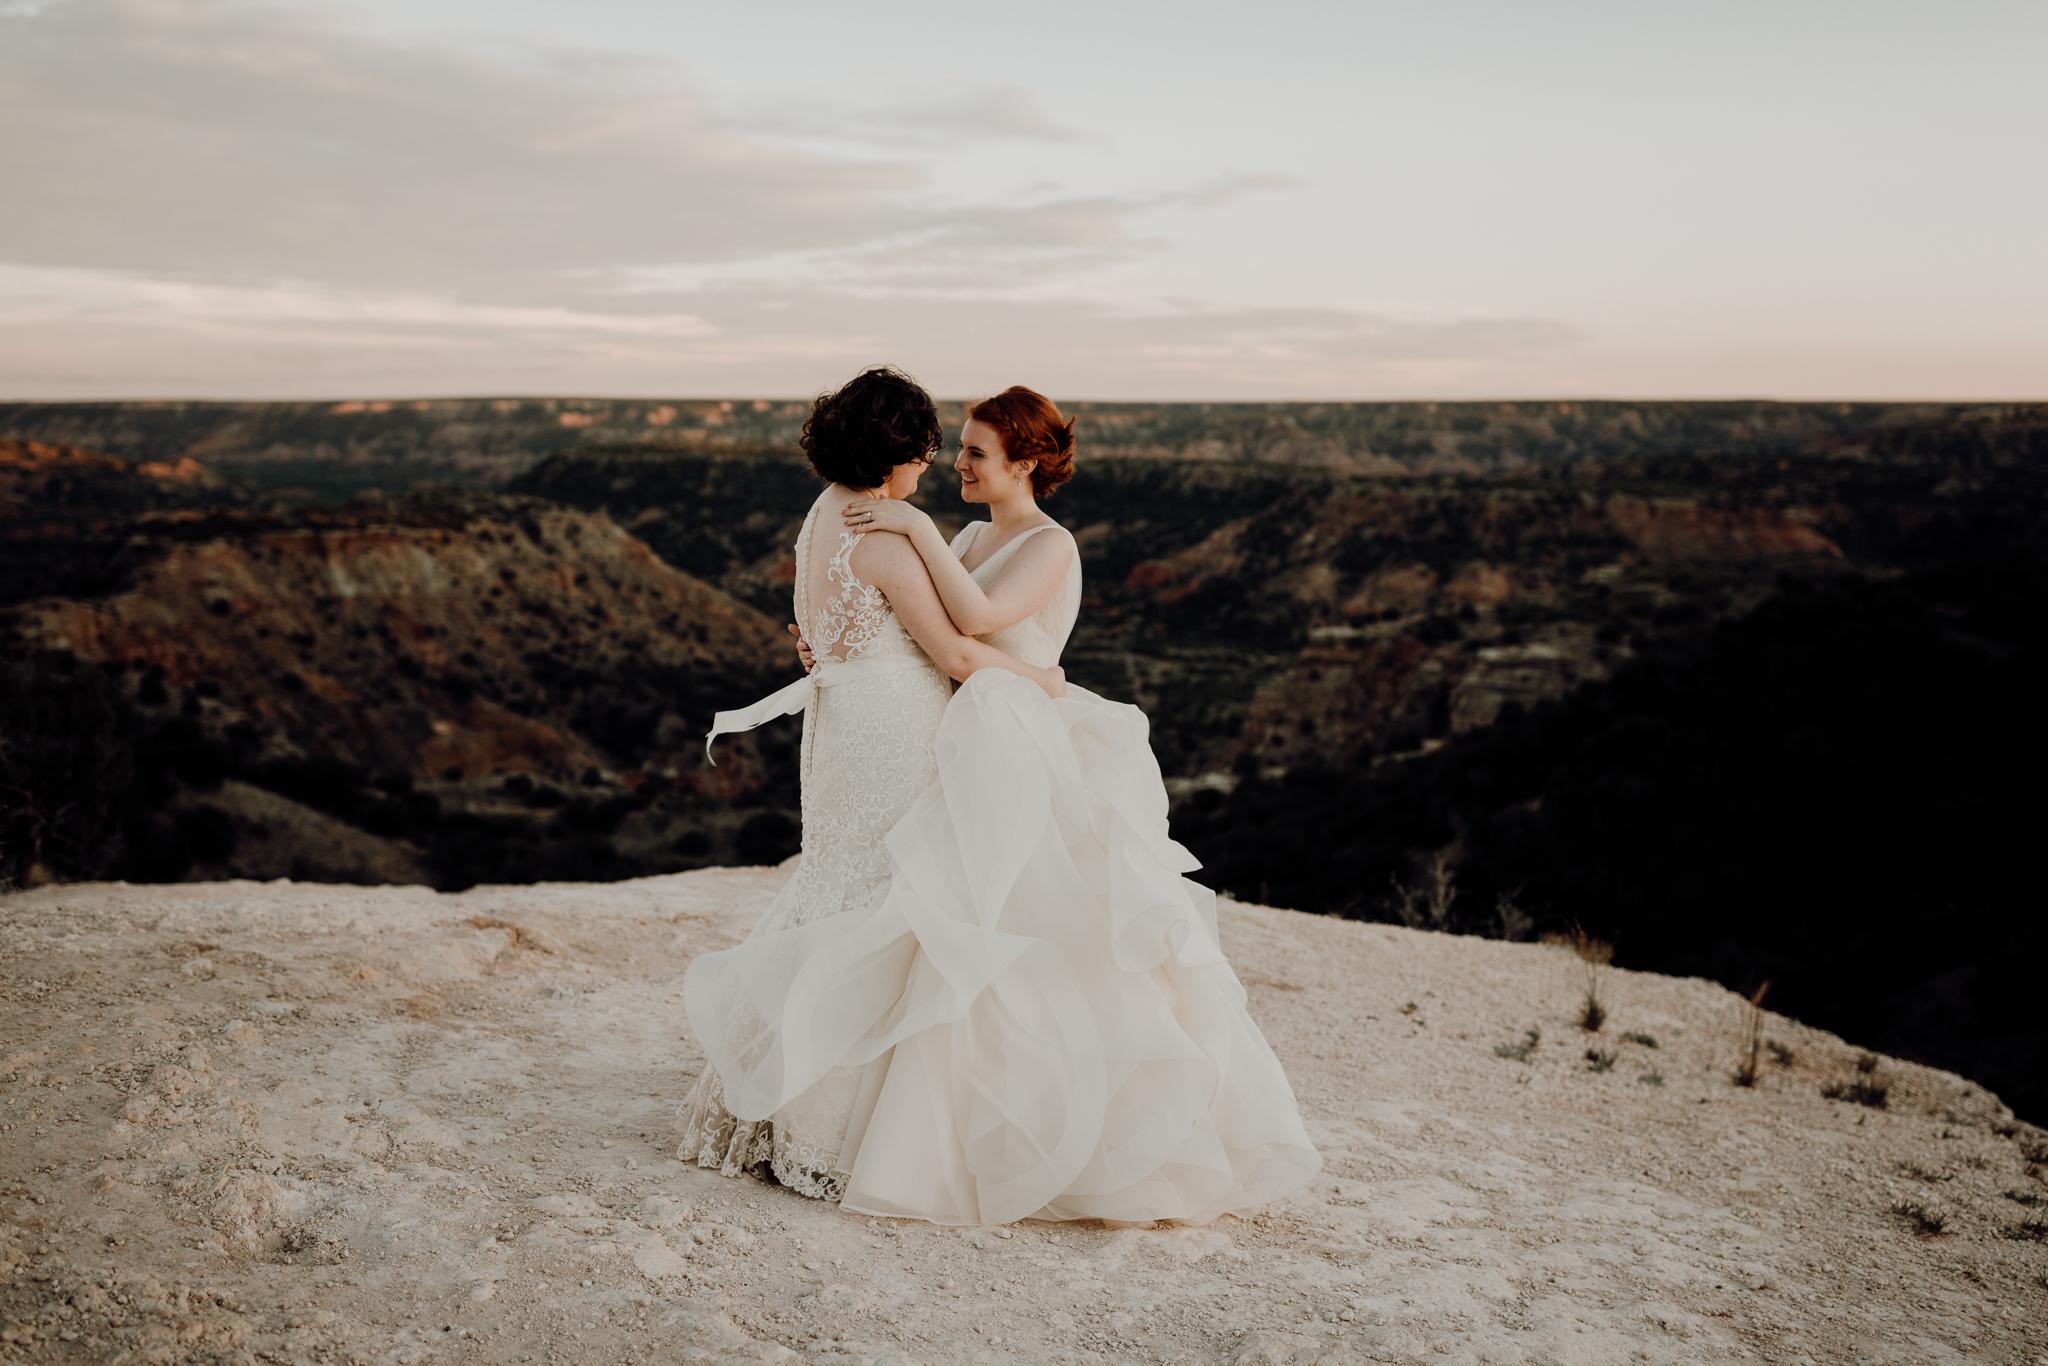 Texas Wedding Photographer-Palo Duro Canyon Sam Sex Wedding- Houston Wedding Photographer -Kristen Giles Photography-38.jpg